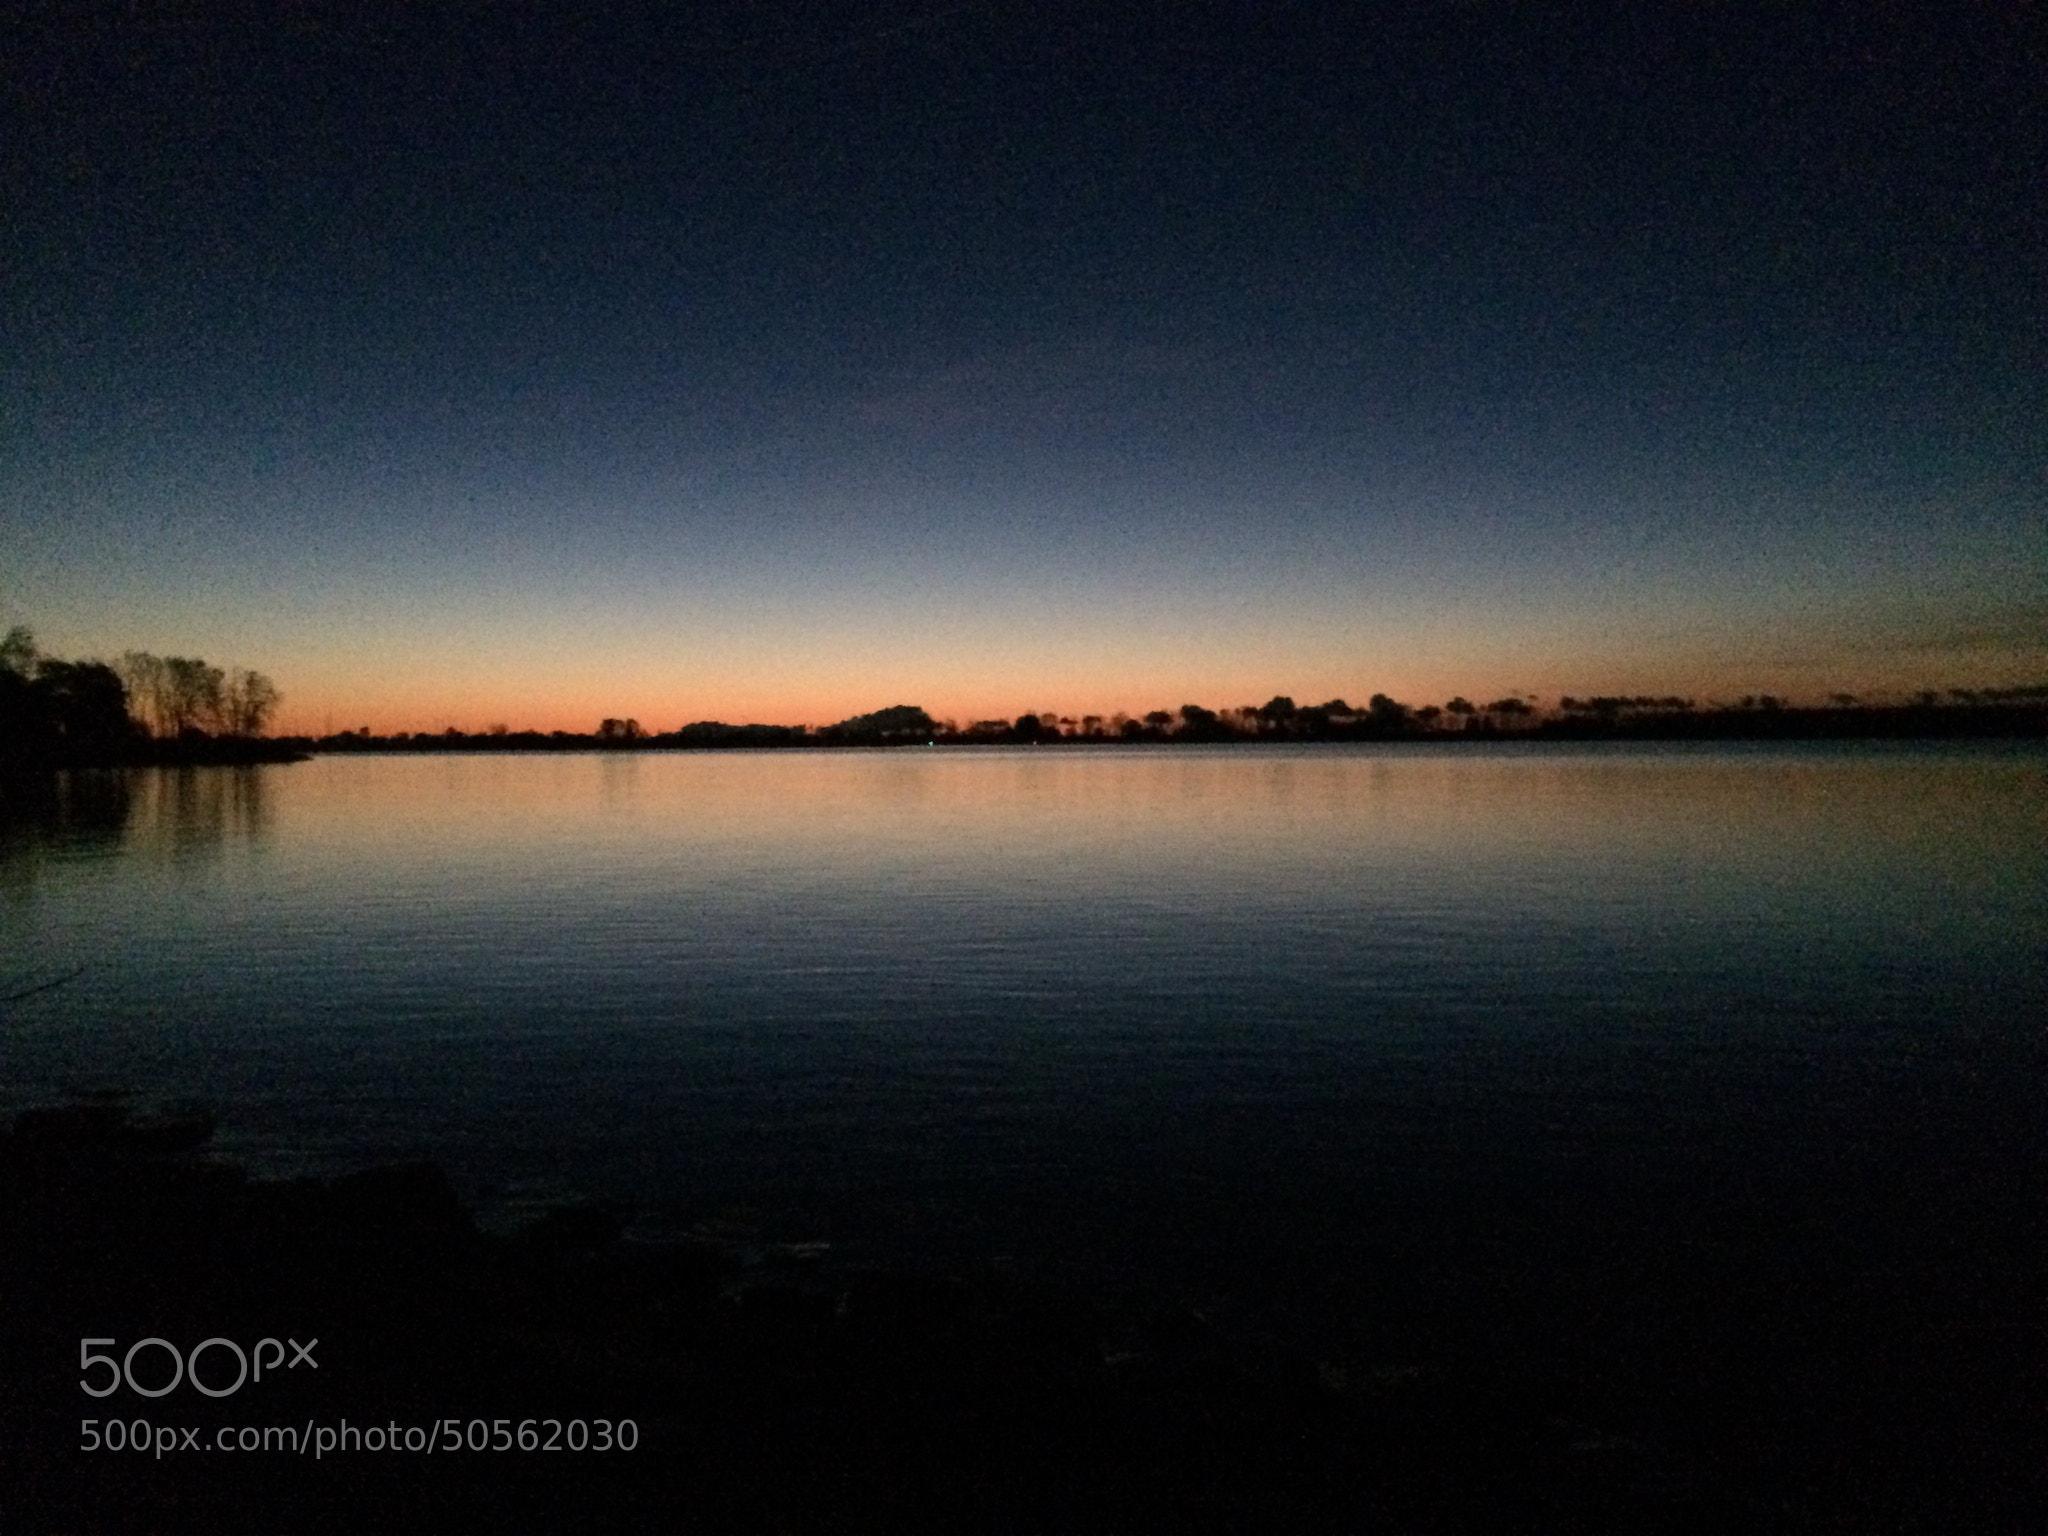 Photograph Cherry Beach Sunrise by Alex Flint on 500px